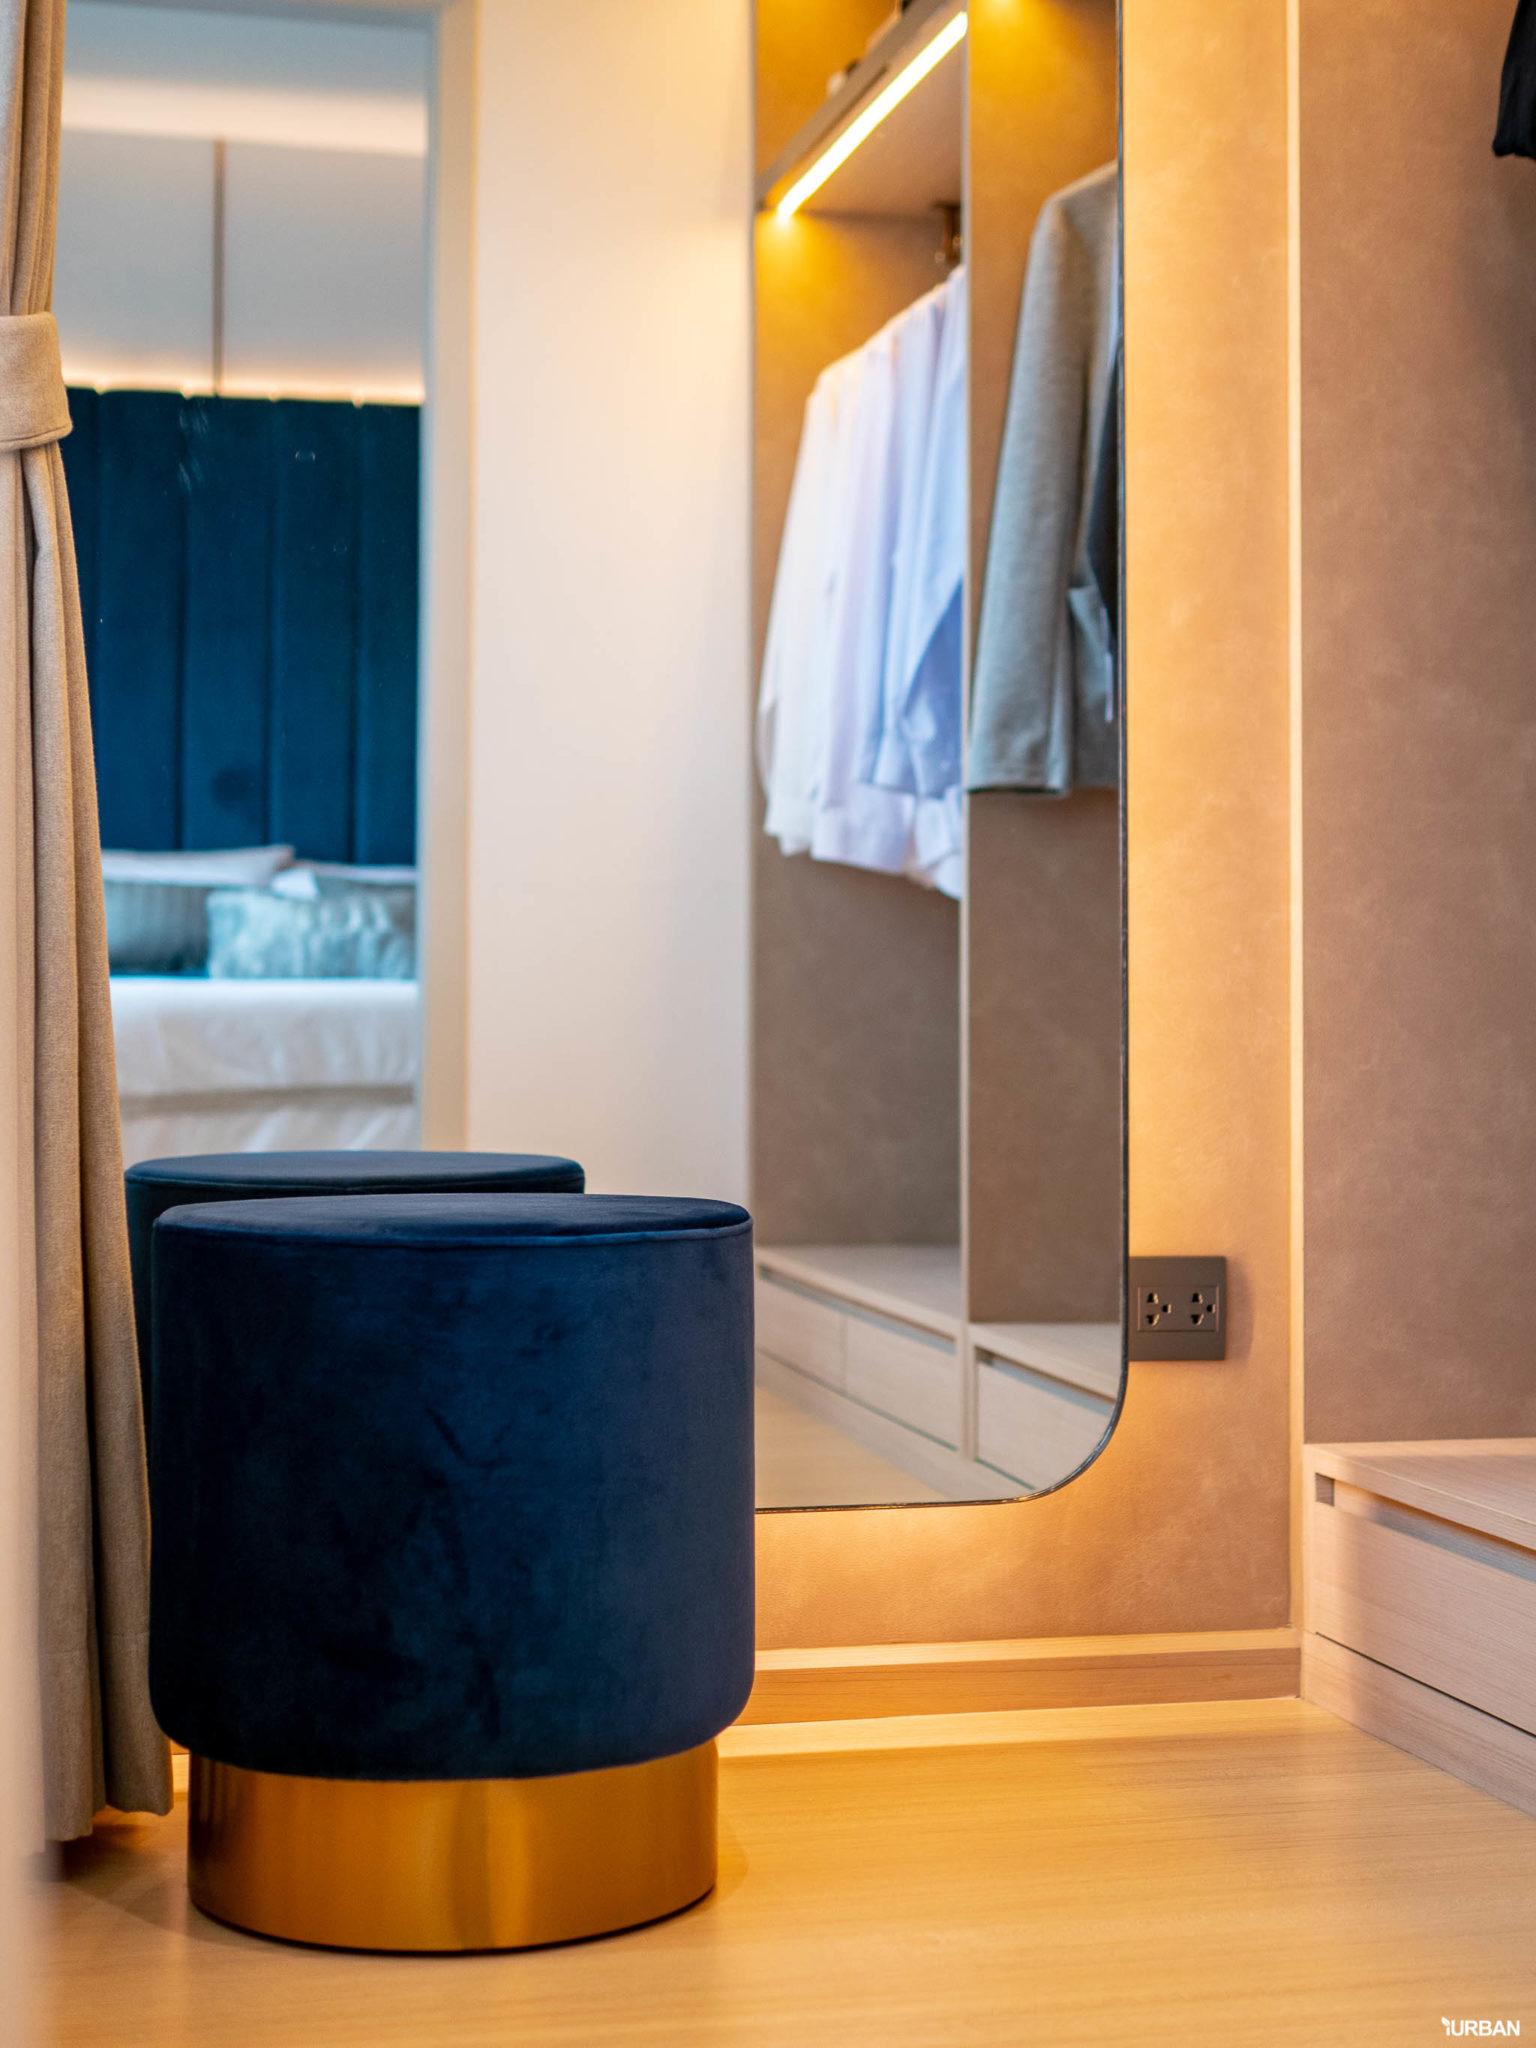 รีวิว URBANIO วิภาวดี-แจ้งวัฒนะ พรีเมียมทาวน์โฮม 3 ชั้นสุดสวย ใกล้สถานี Interchange เริ่ม 5.59 ล้าน จาก Ananda 103 - Premium